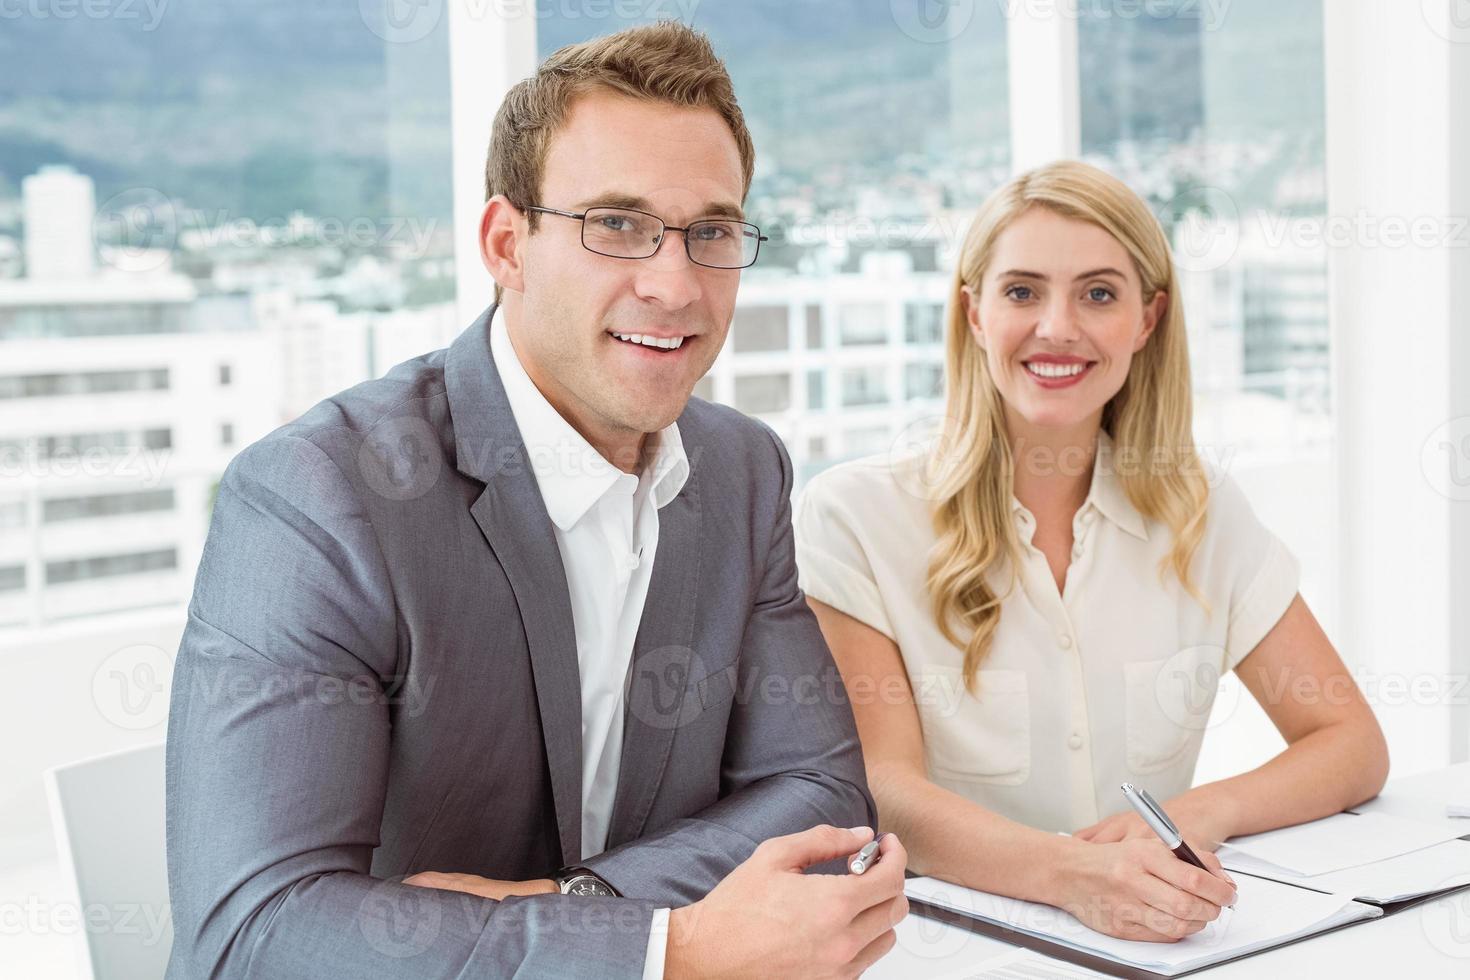 portret van mensen uit het bedrijfsleven in vergadering foto